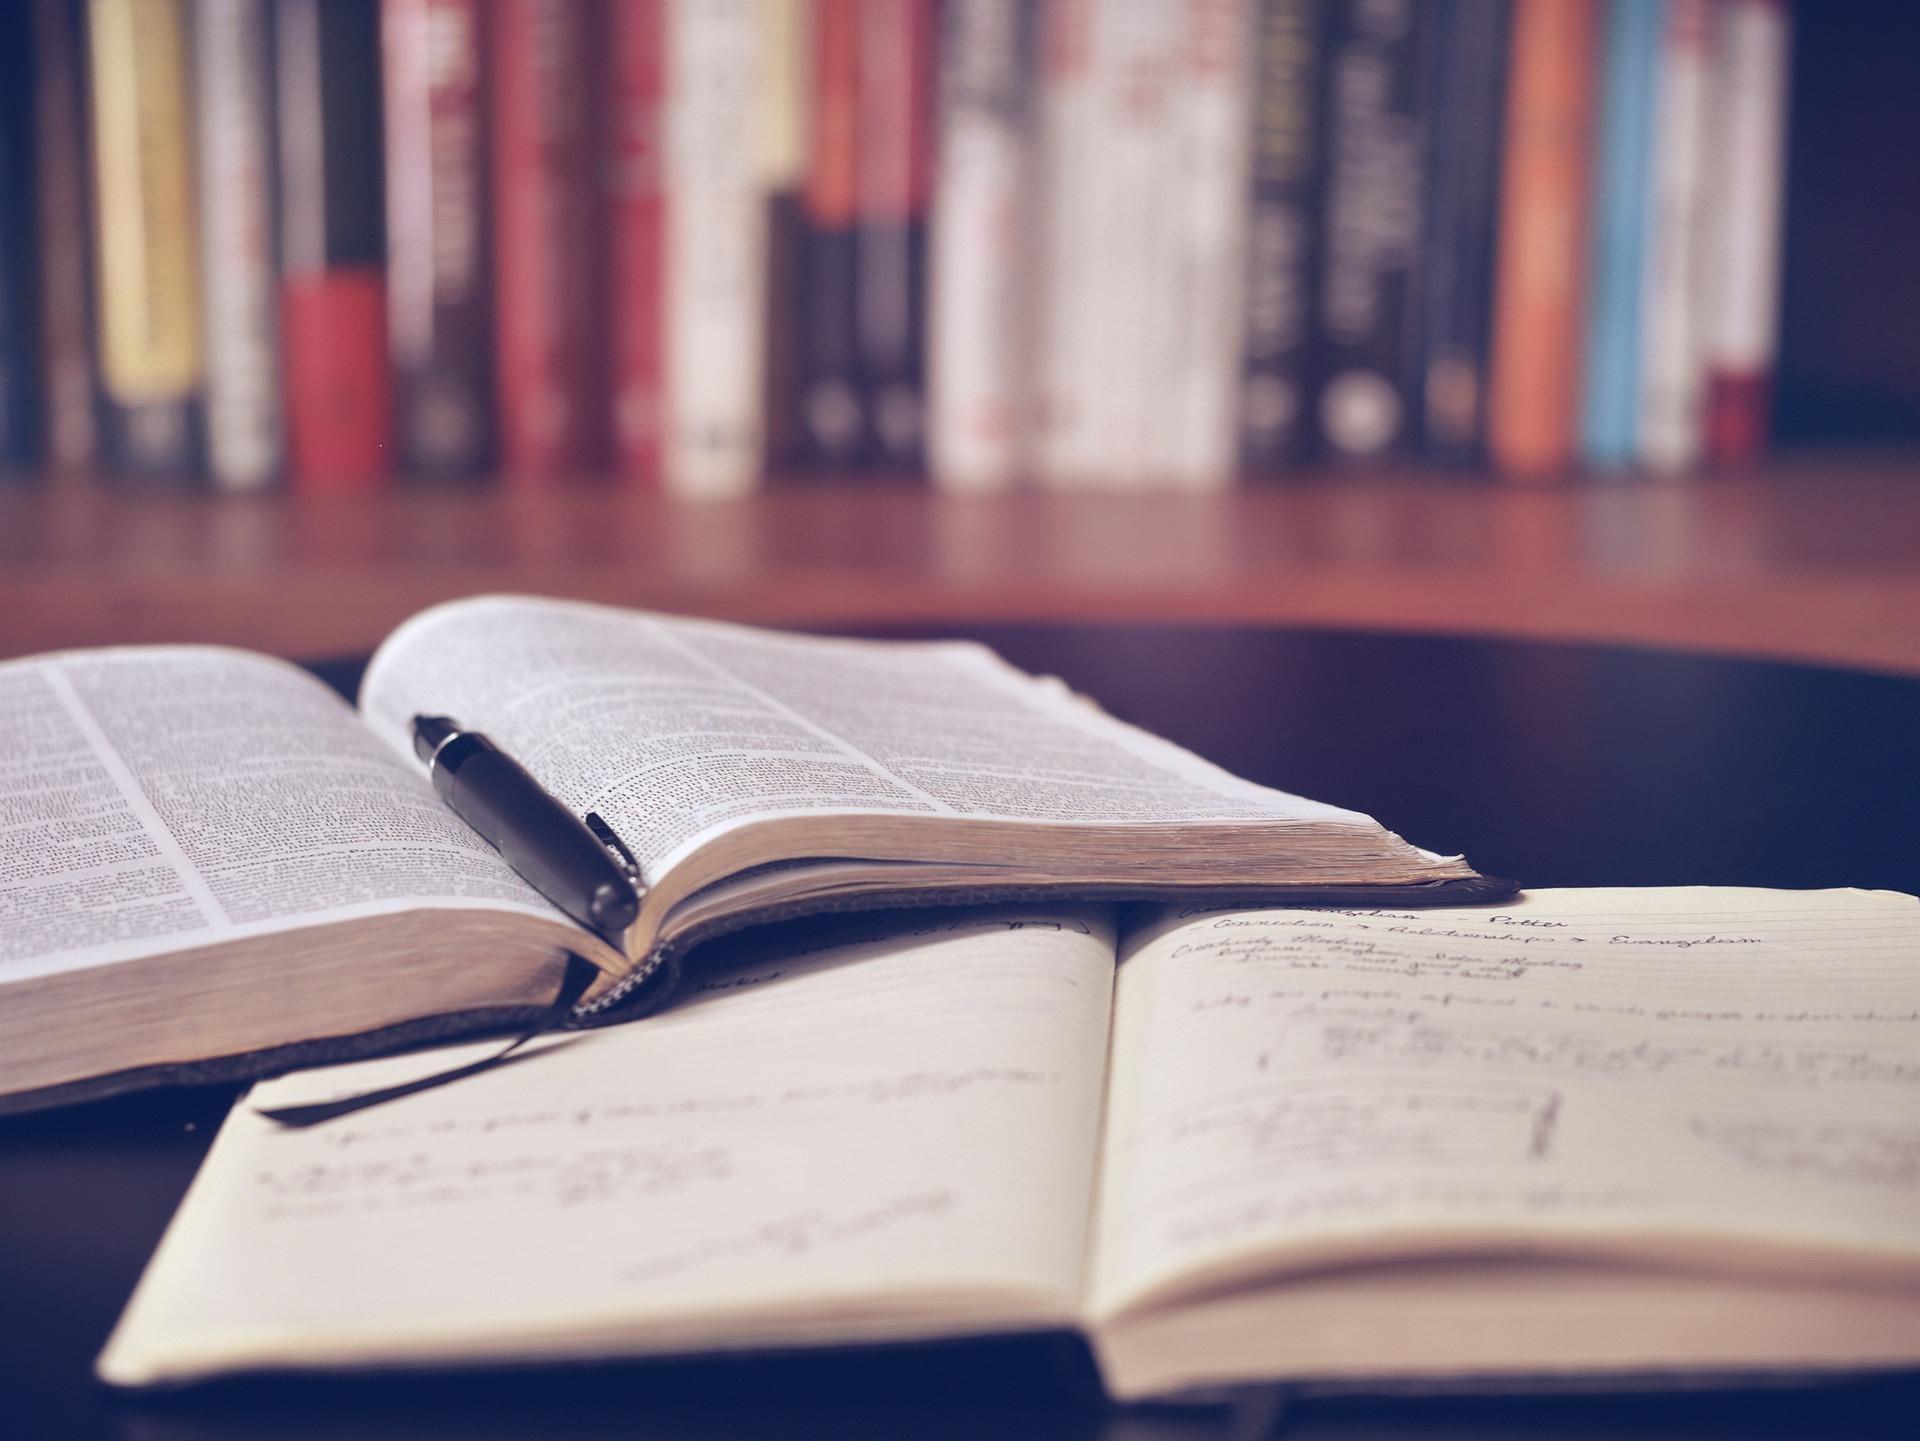 El manejo del tiempo en las novelas: detalles para reflejar el tiempo